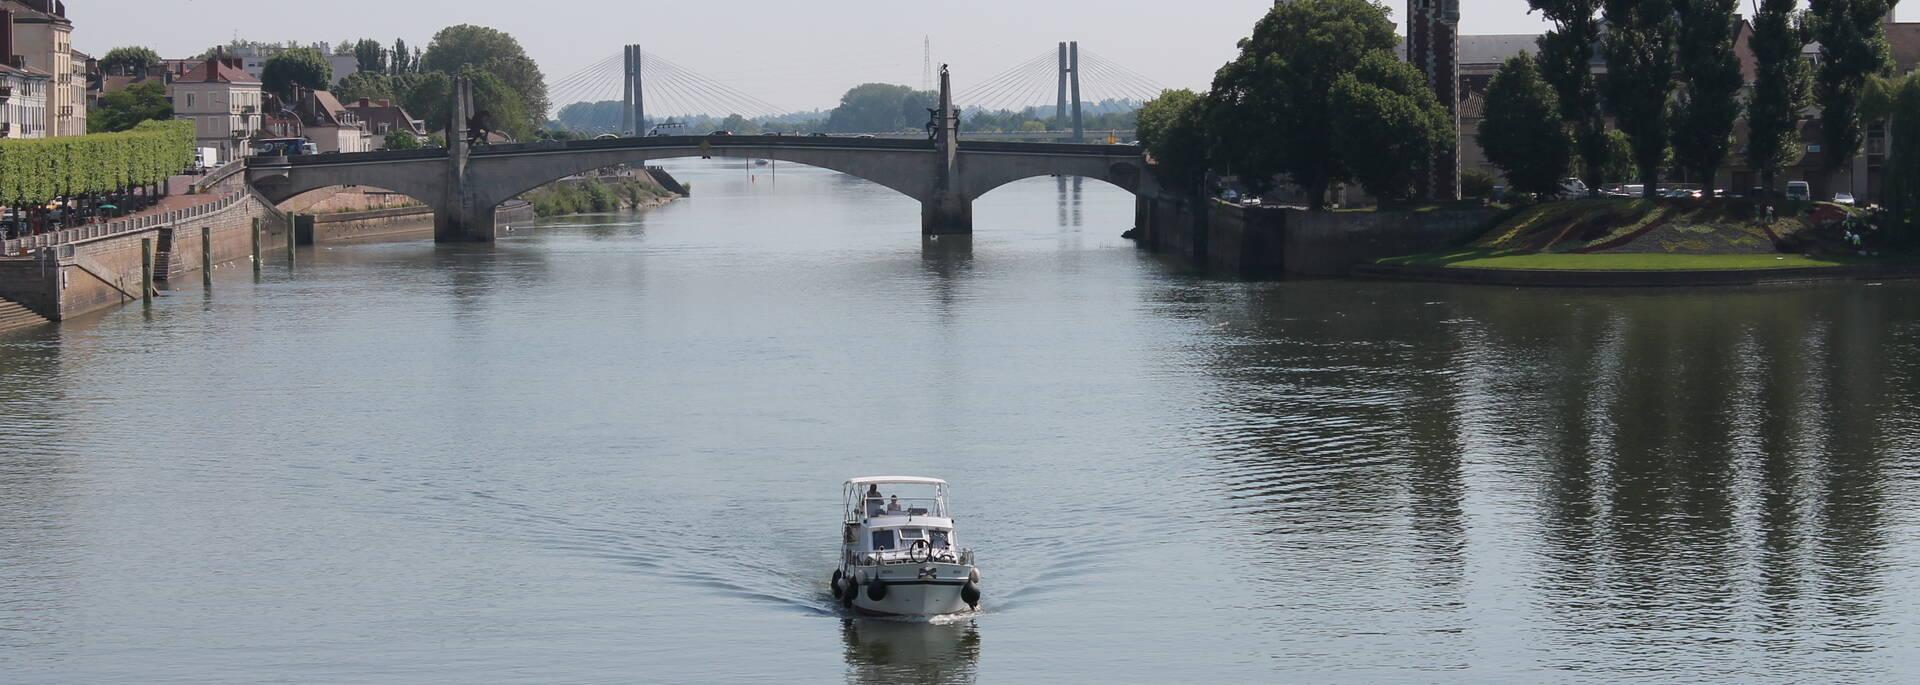 Promenade location bateau Chalon-sur-Saône - © Office de Tourisme